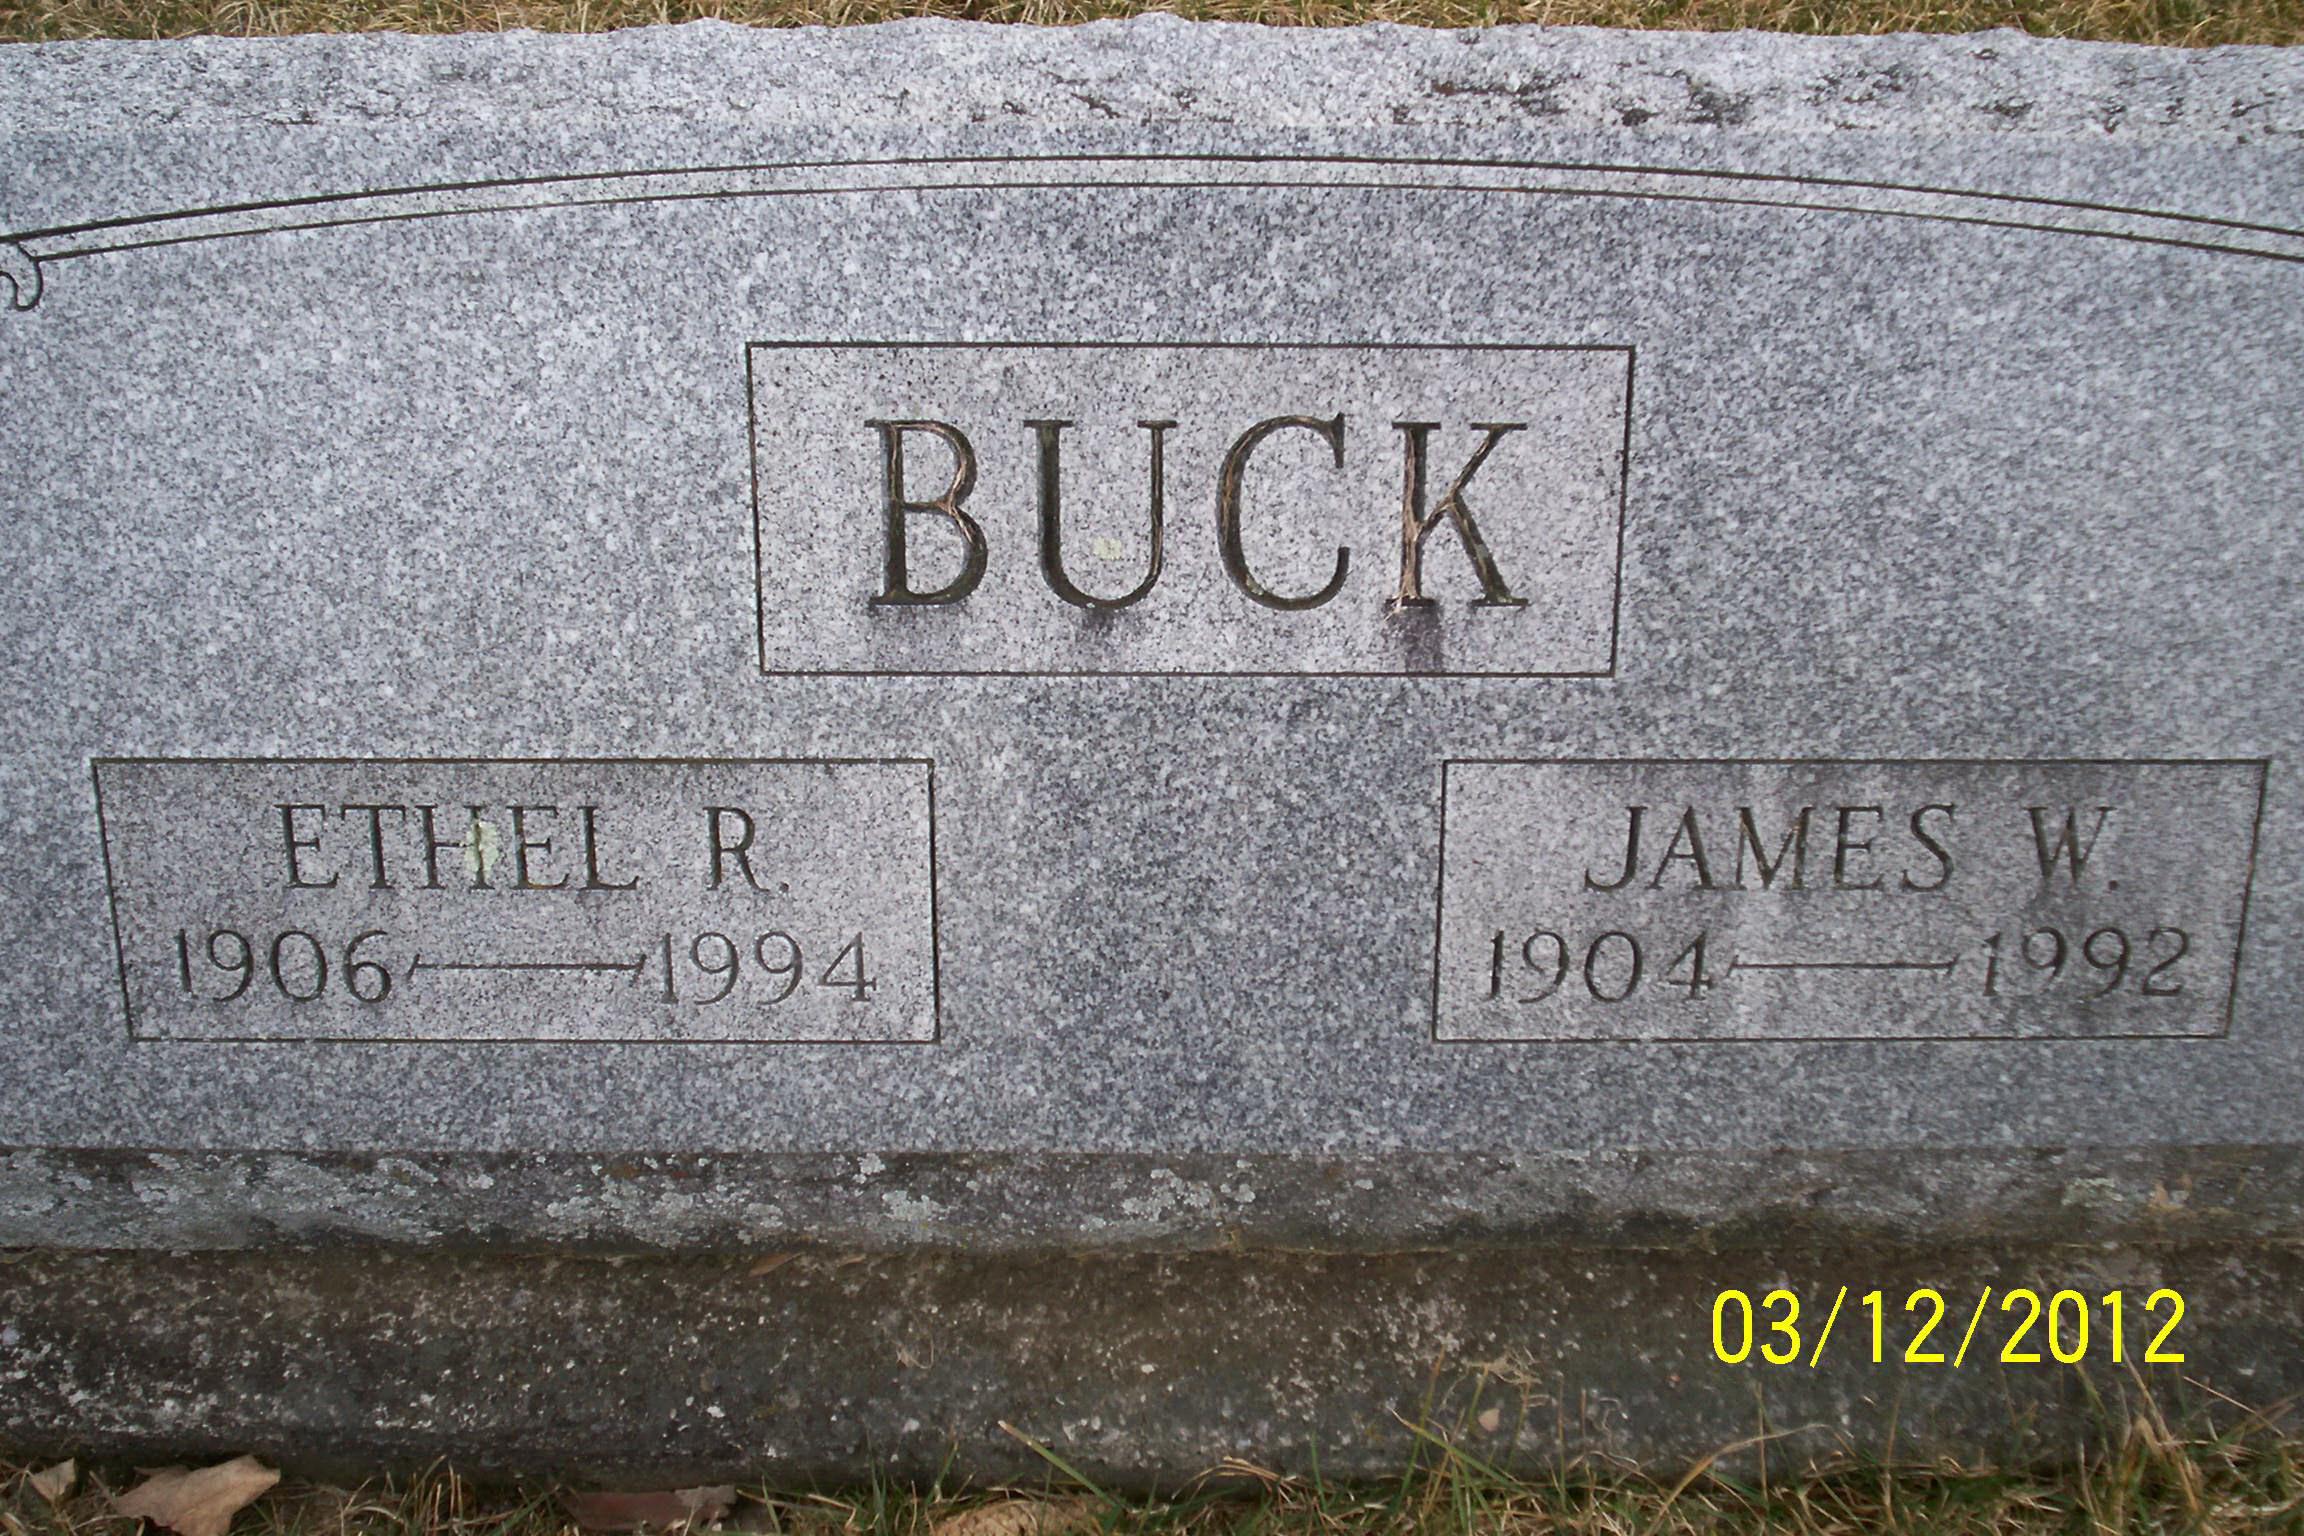 Irene Buck